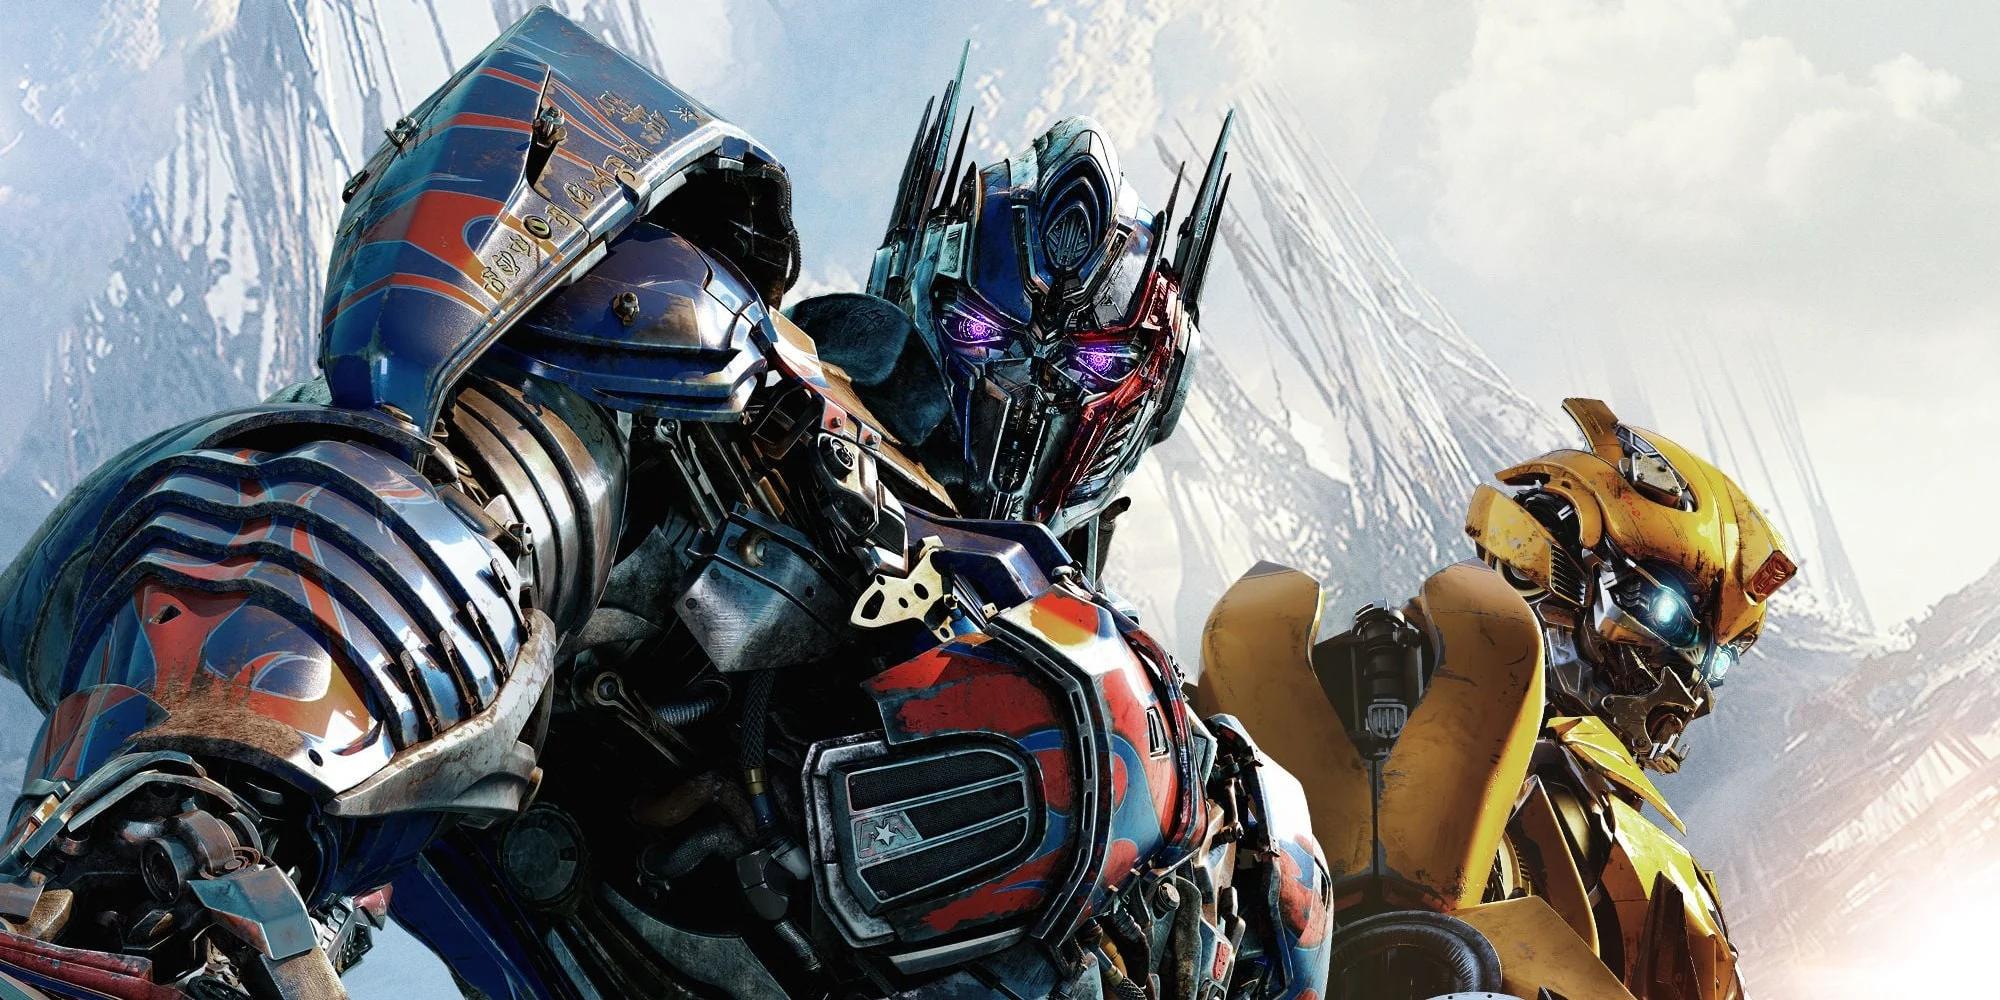 La saga Transformers prepara dos nuevas películas